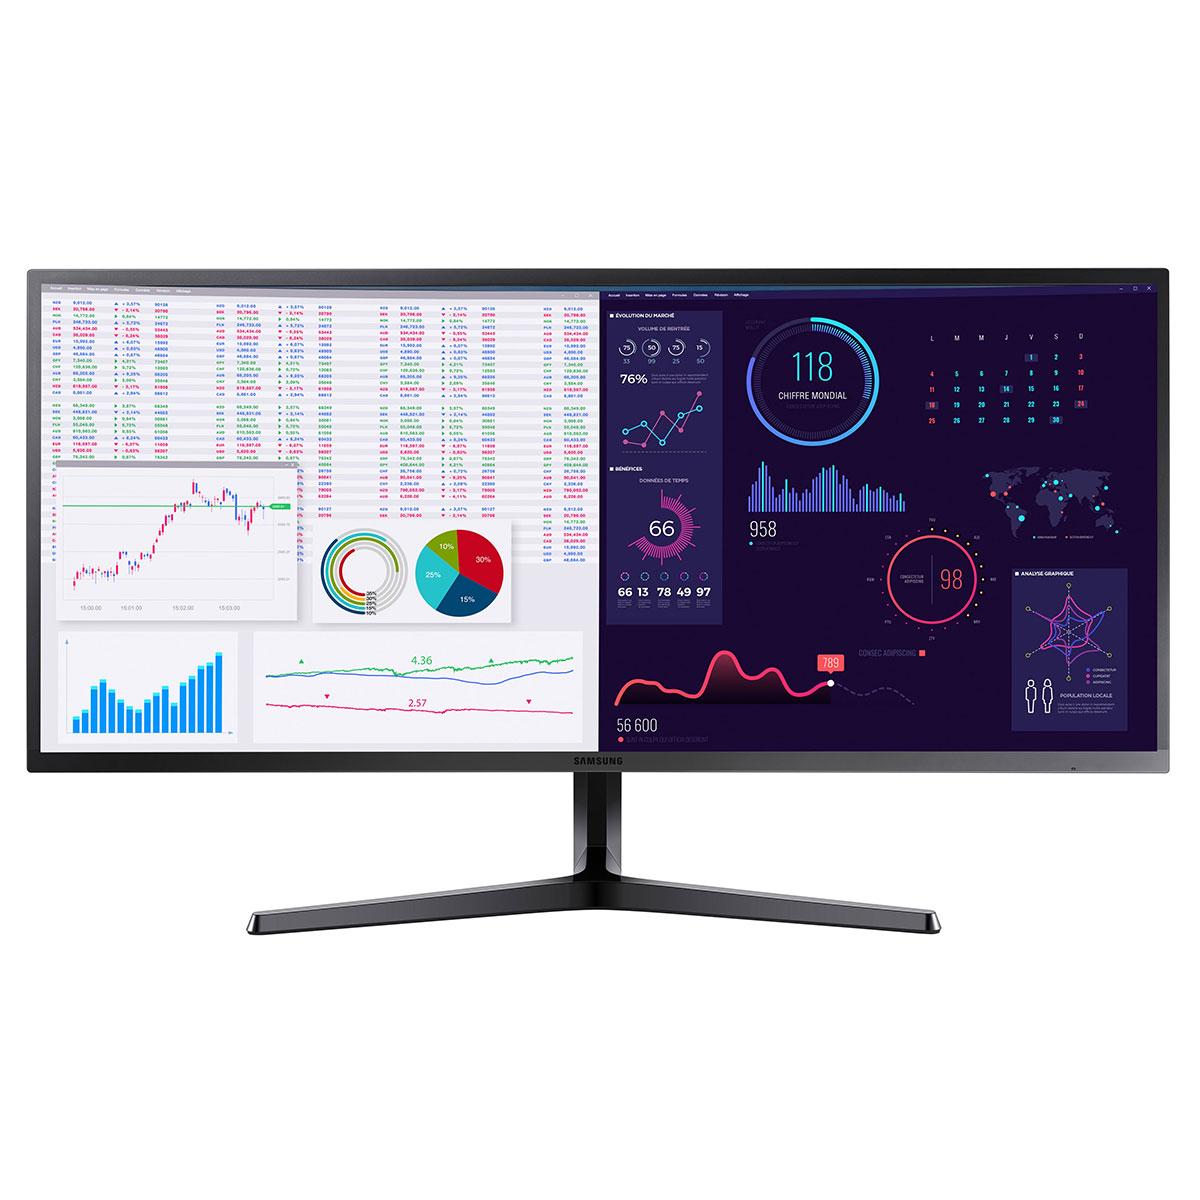 """Ecran PC Samsung 34.1"""" LED - LS34J550WQUXEN 3440 x 1440 pixels - 4 ms (gris à gris) - Format large 21/9 - Dalle VA - AMD FreeSync - HDMI/DisplayPort - Noir"""